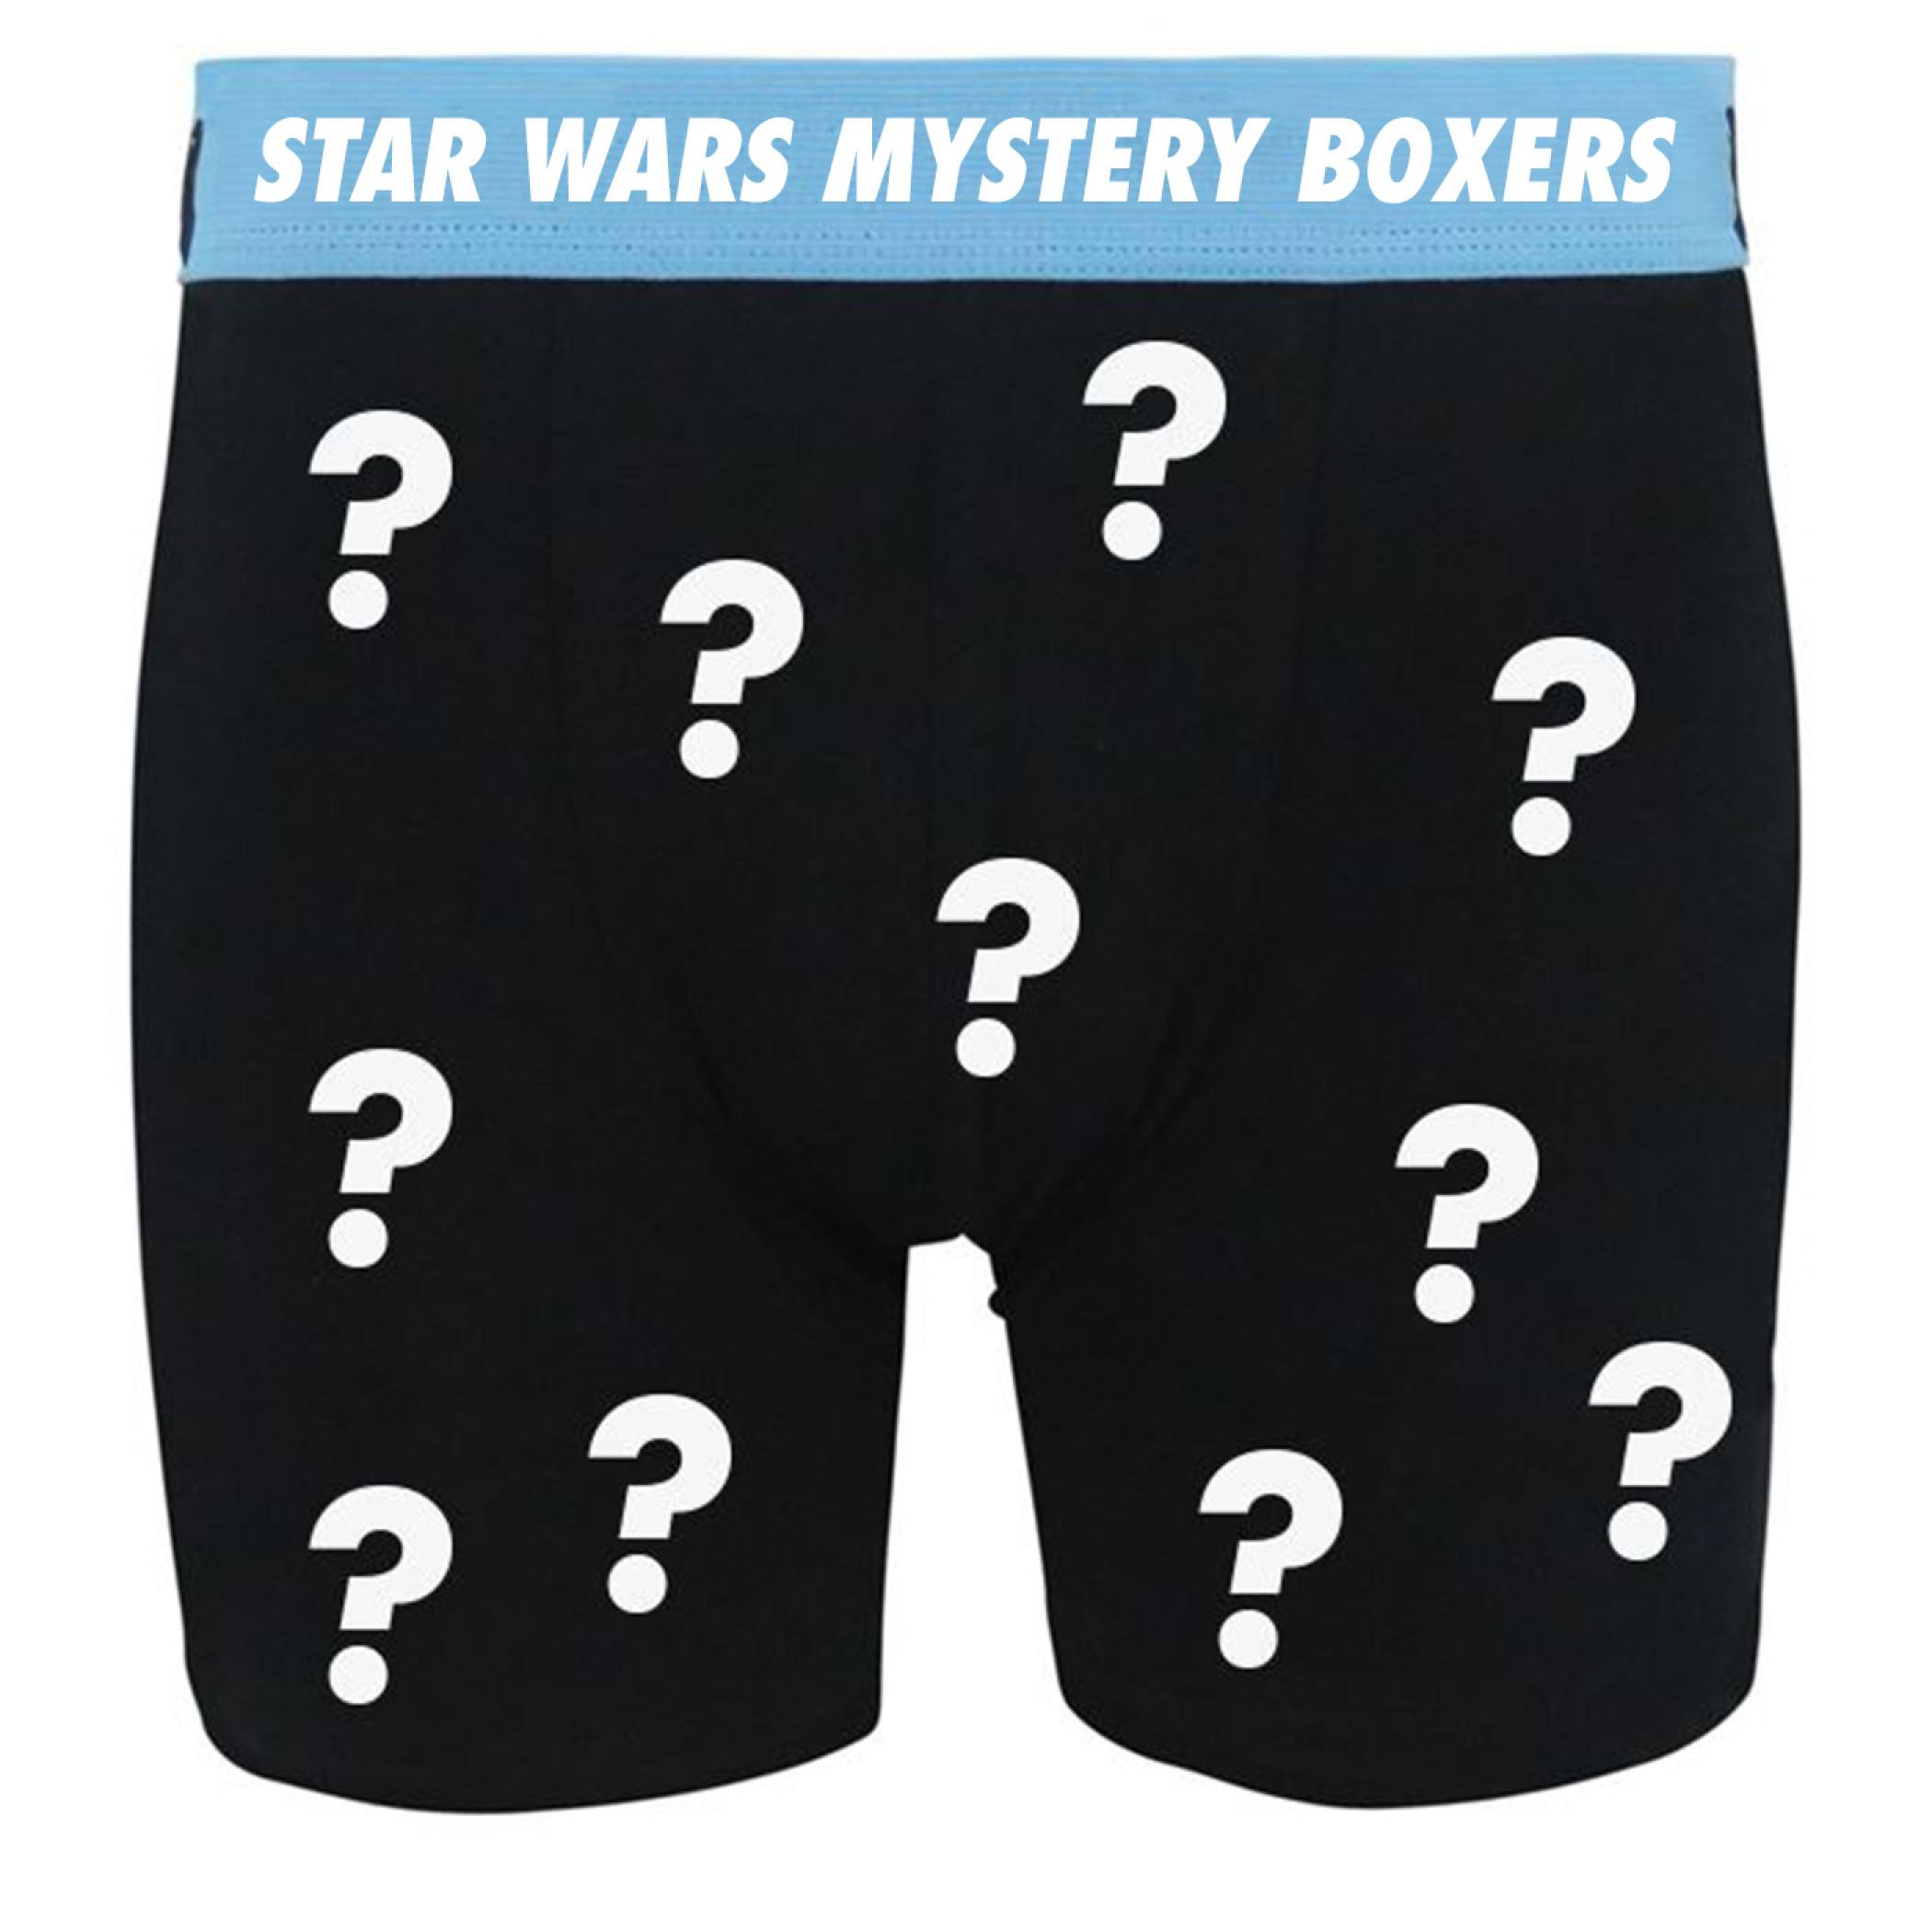 Star Wars Men's Mystery Boxer Briefs